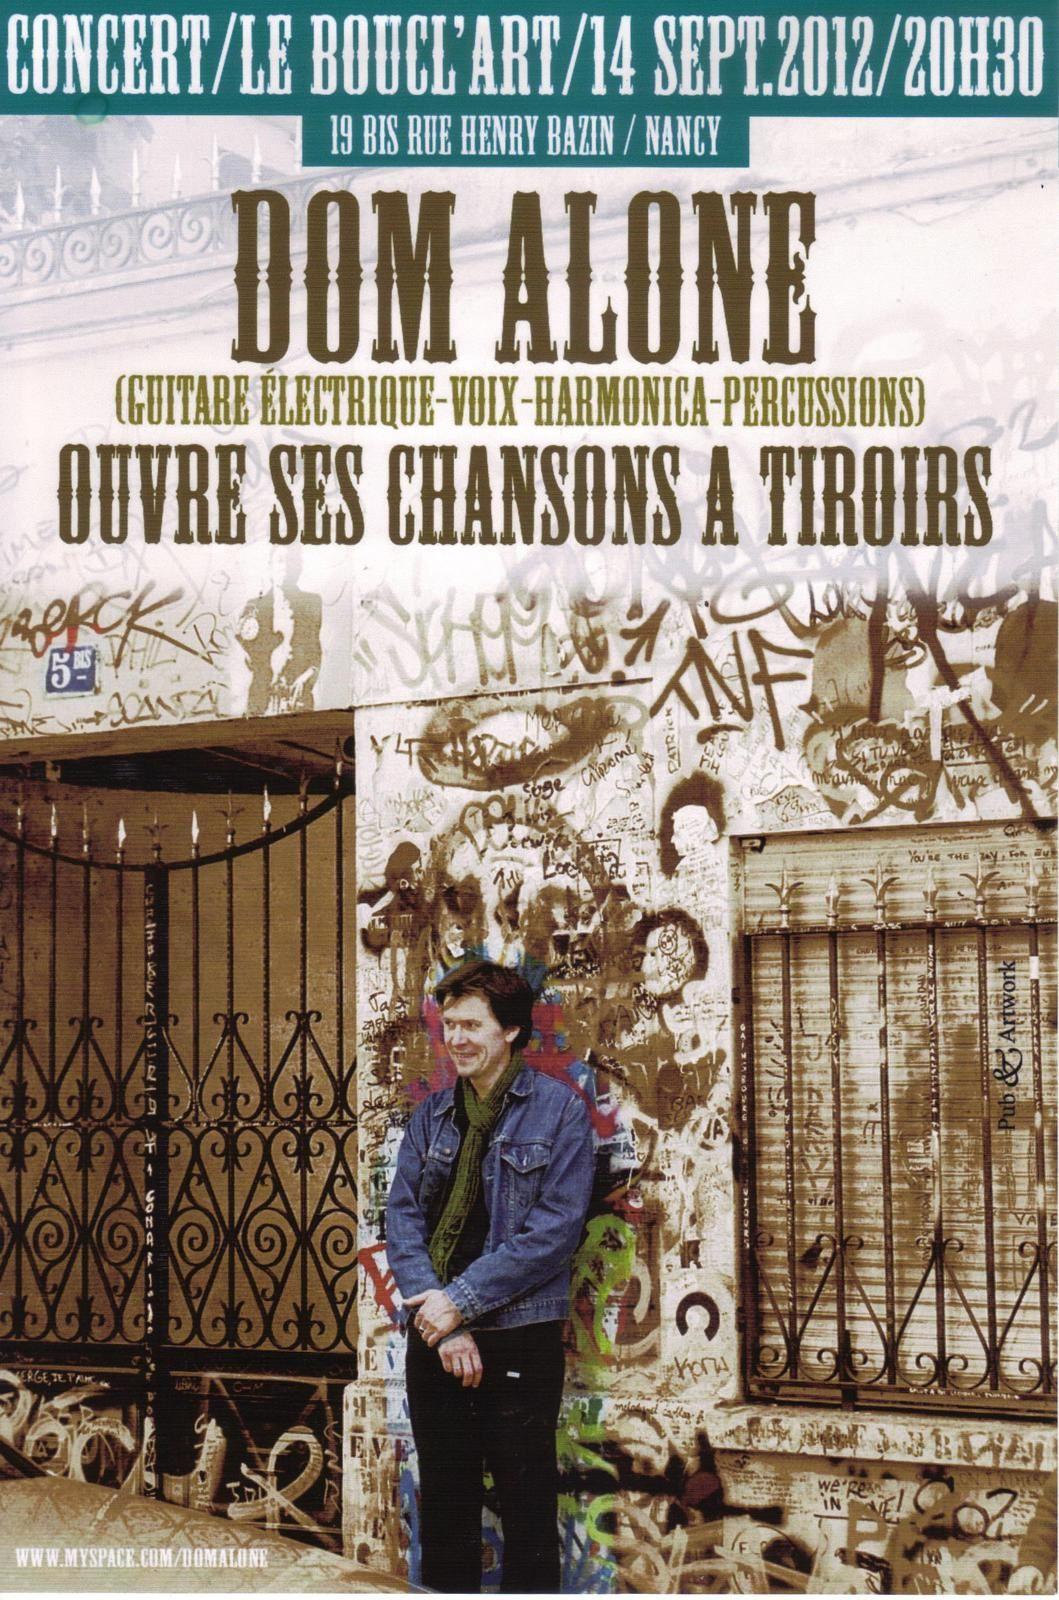 CONCERT - DOM ALONE - Vendredi 14 septembre 2012 à partir de 20h30